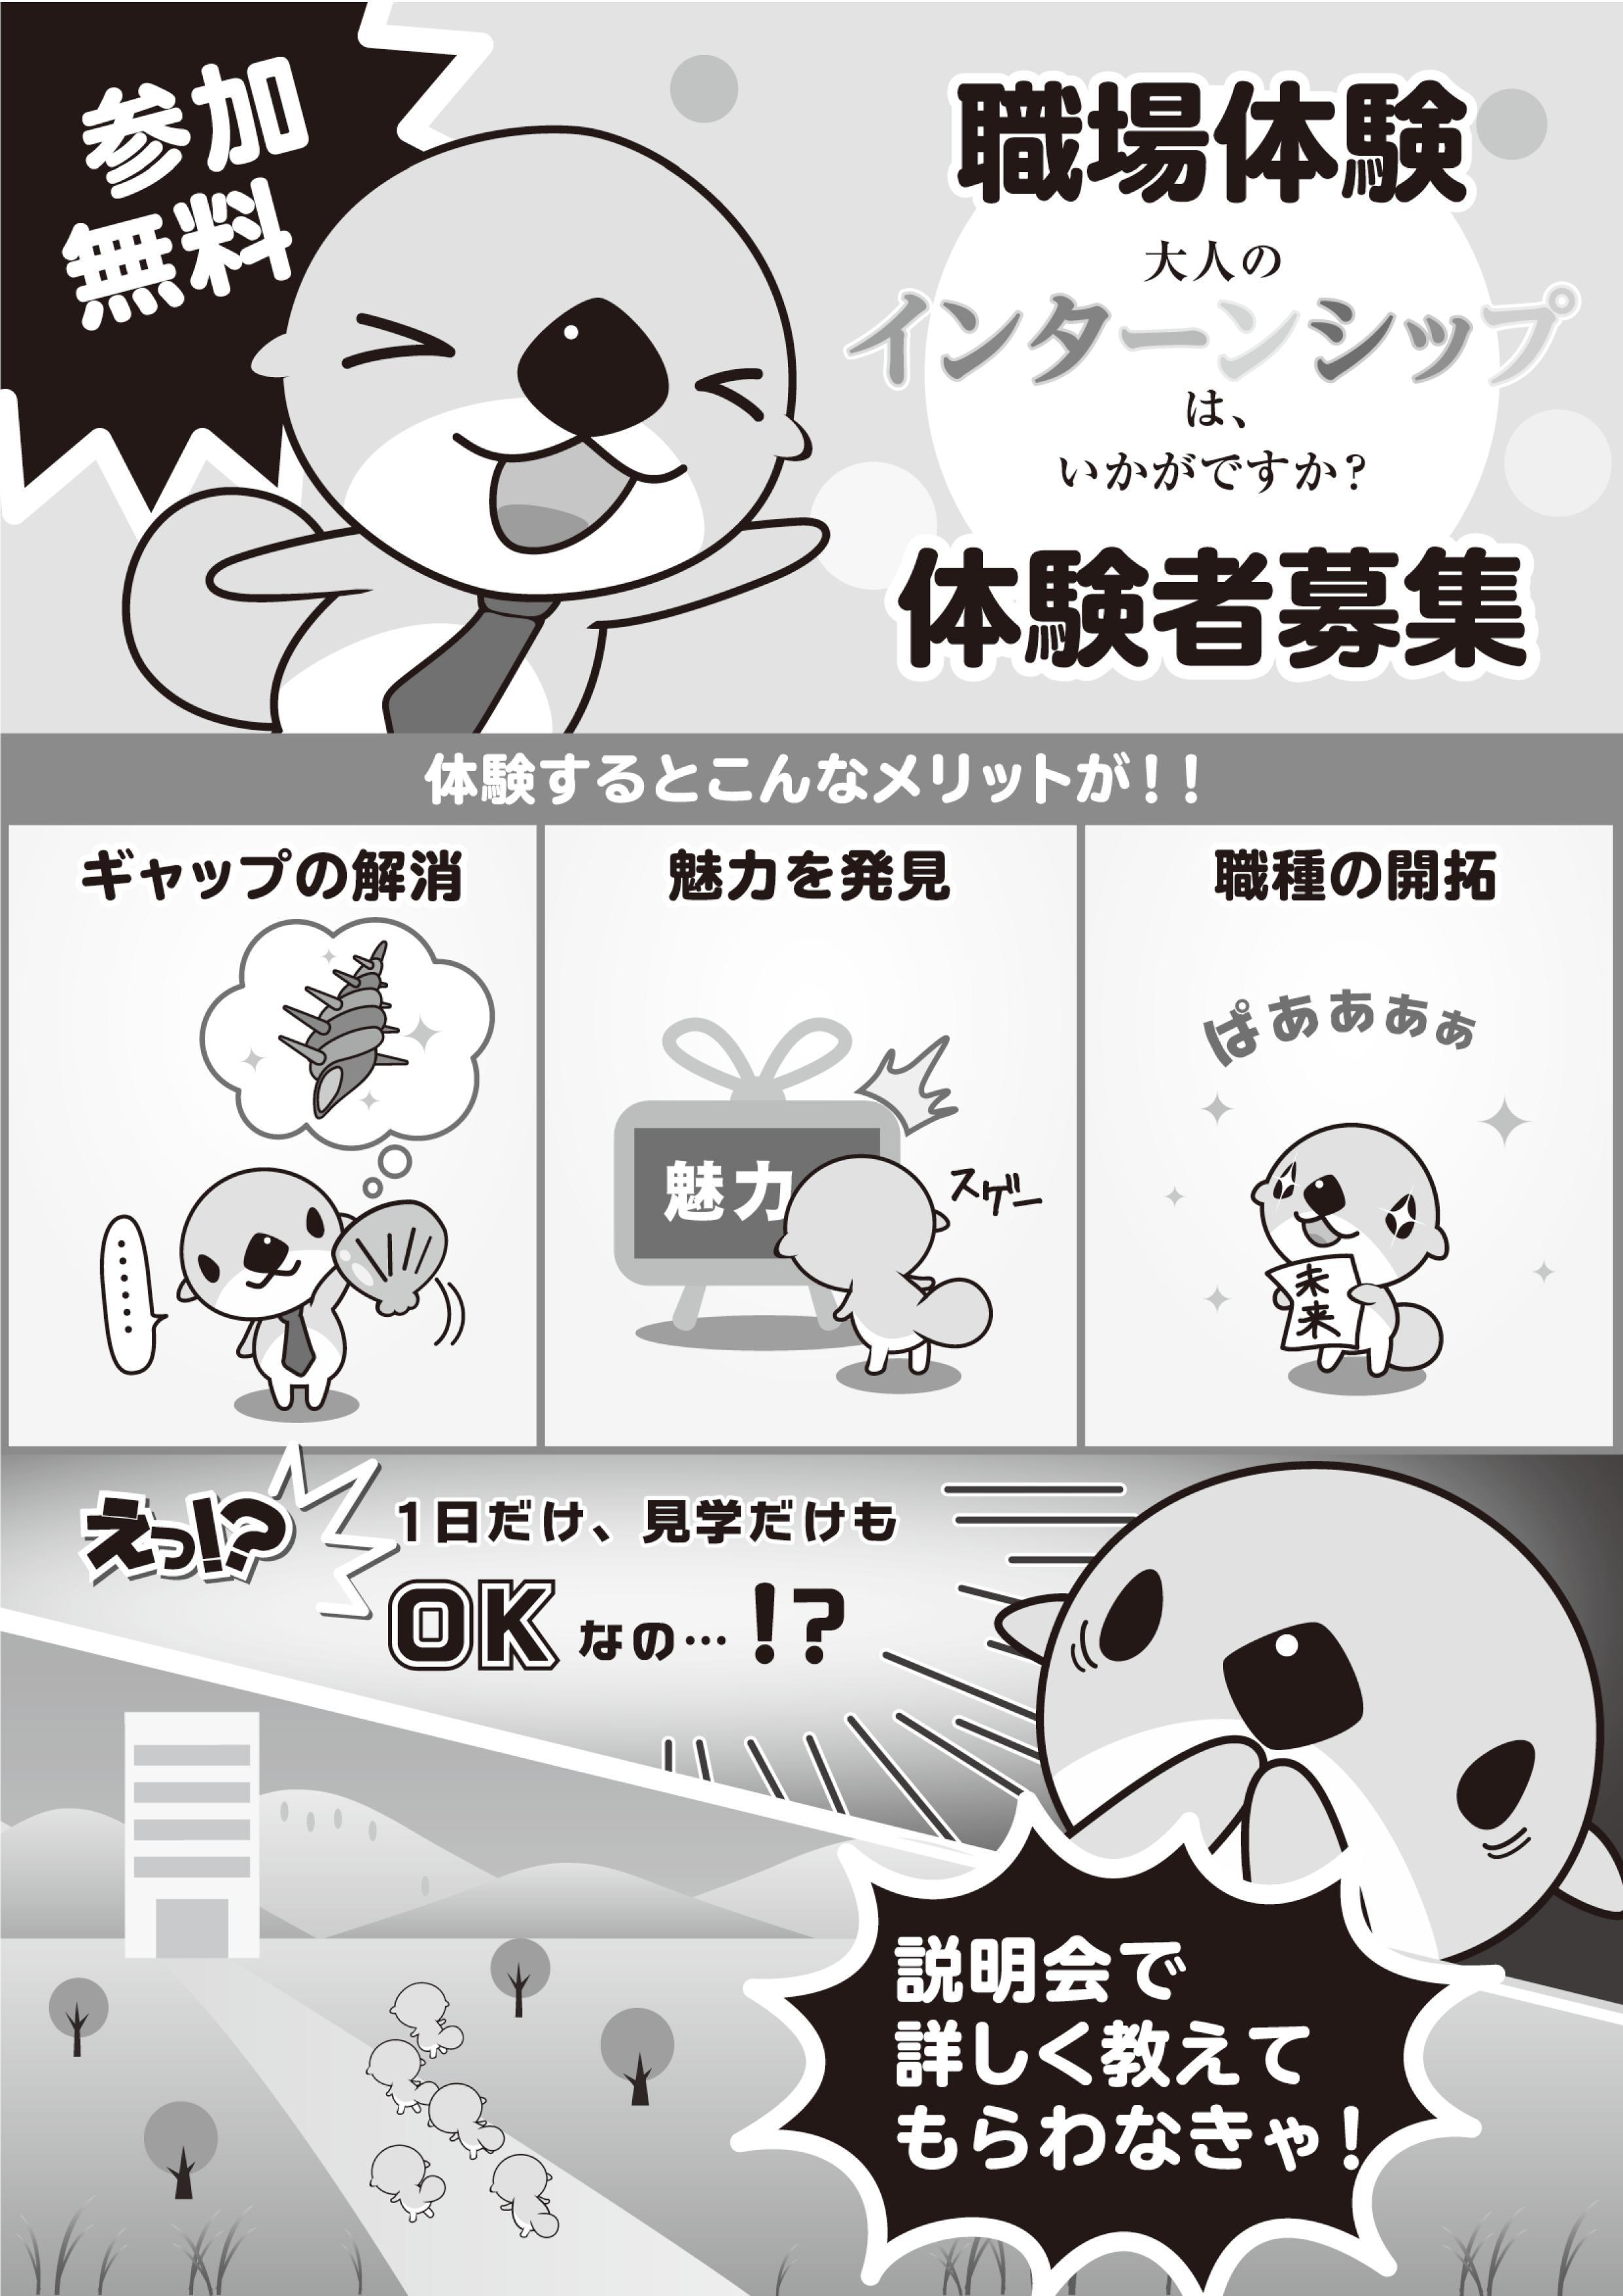 職場体験説明会【3月20日(水)相馬会場】